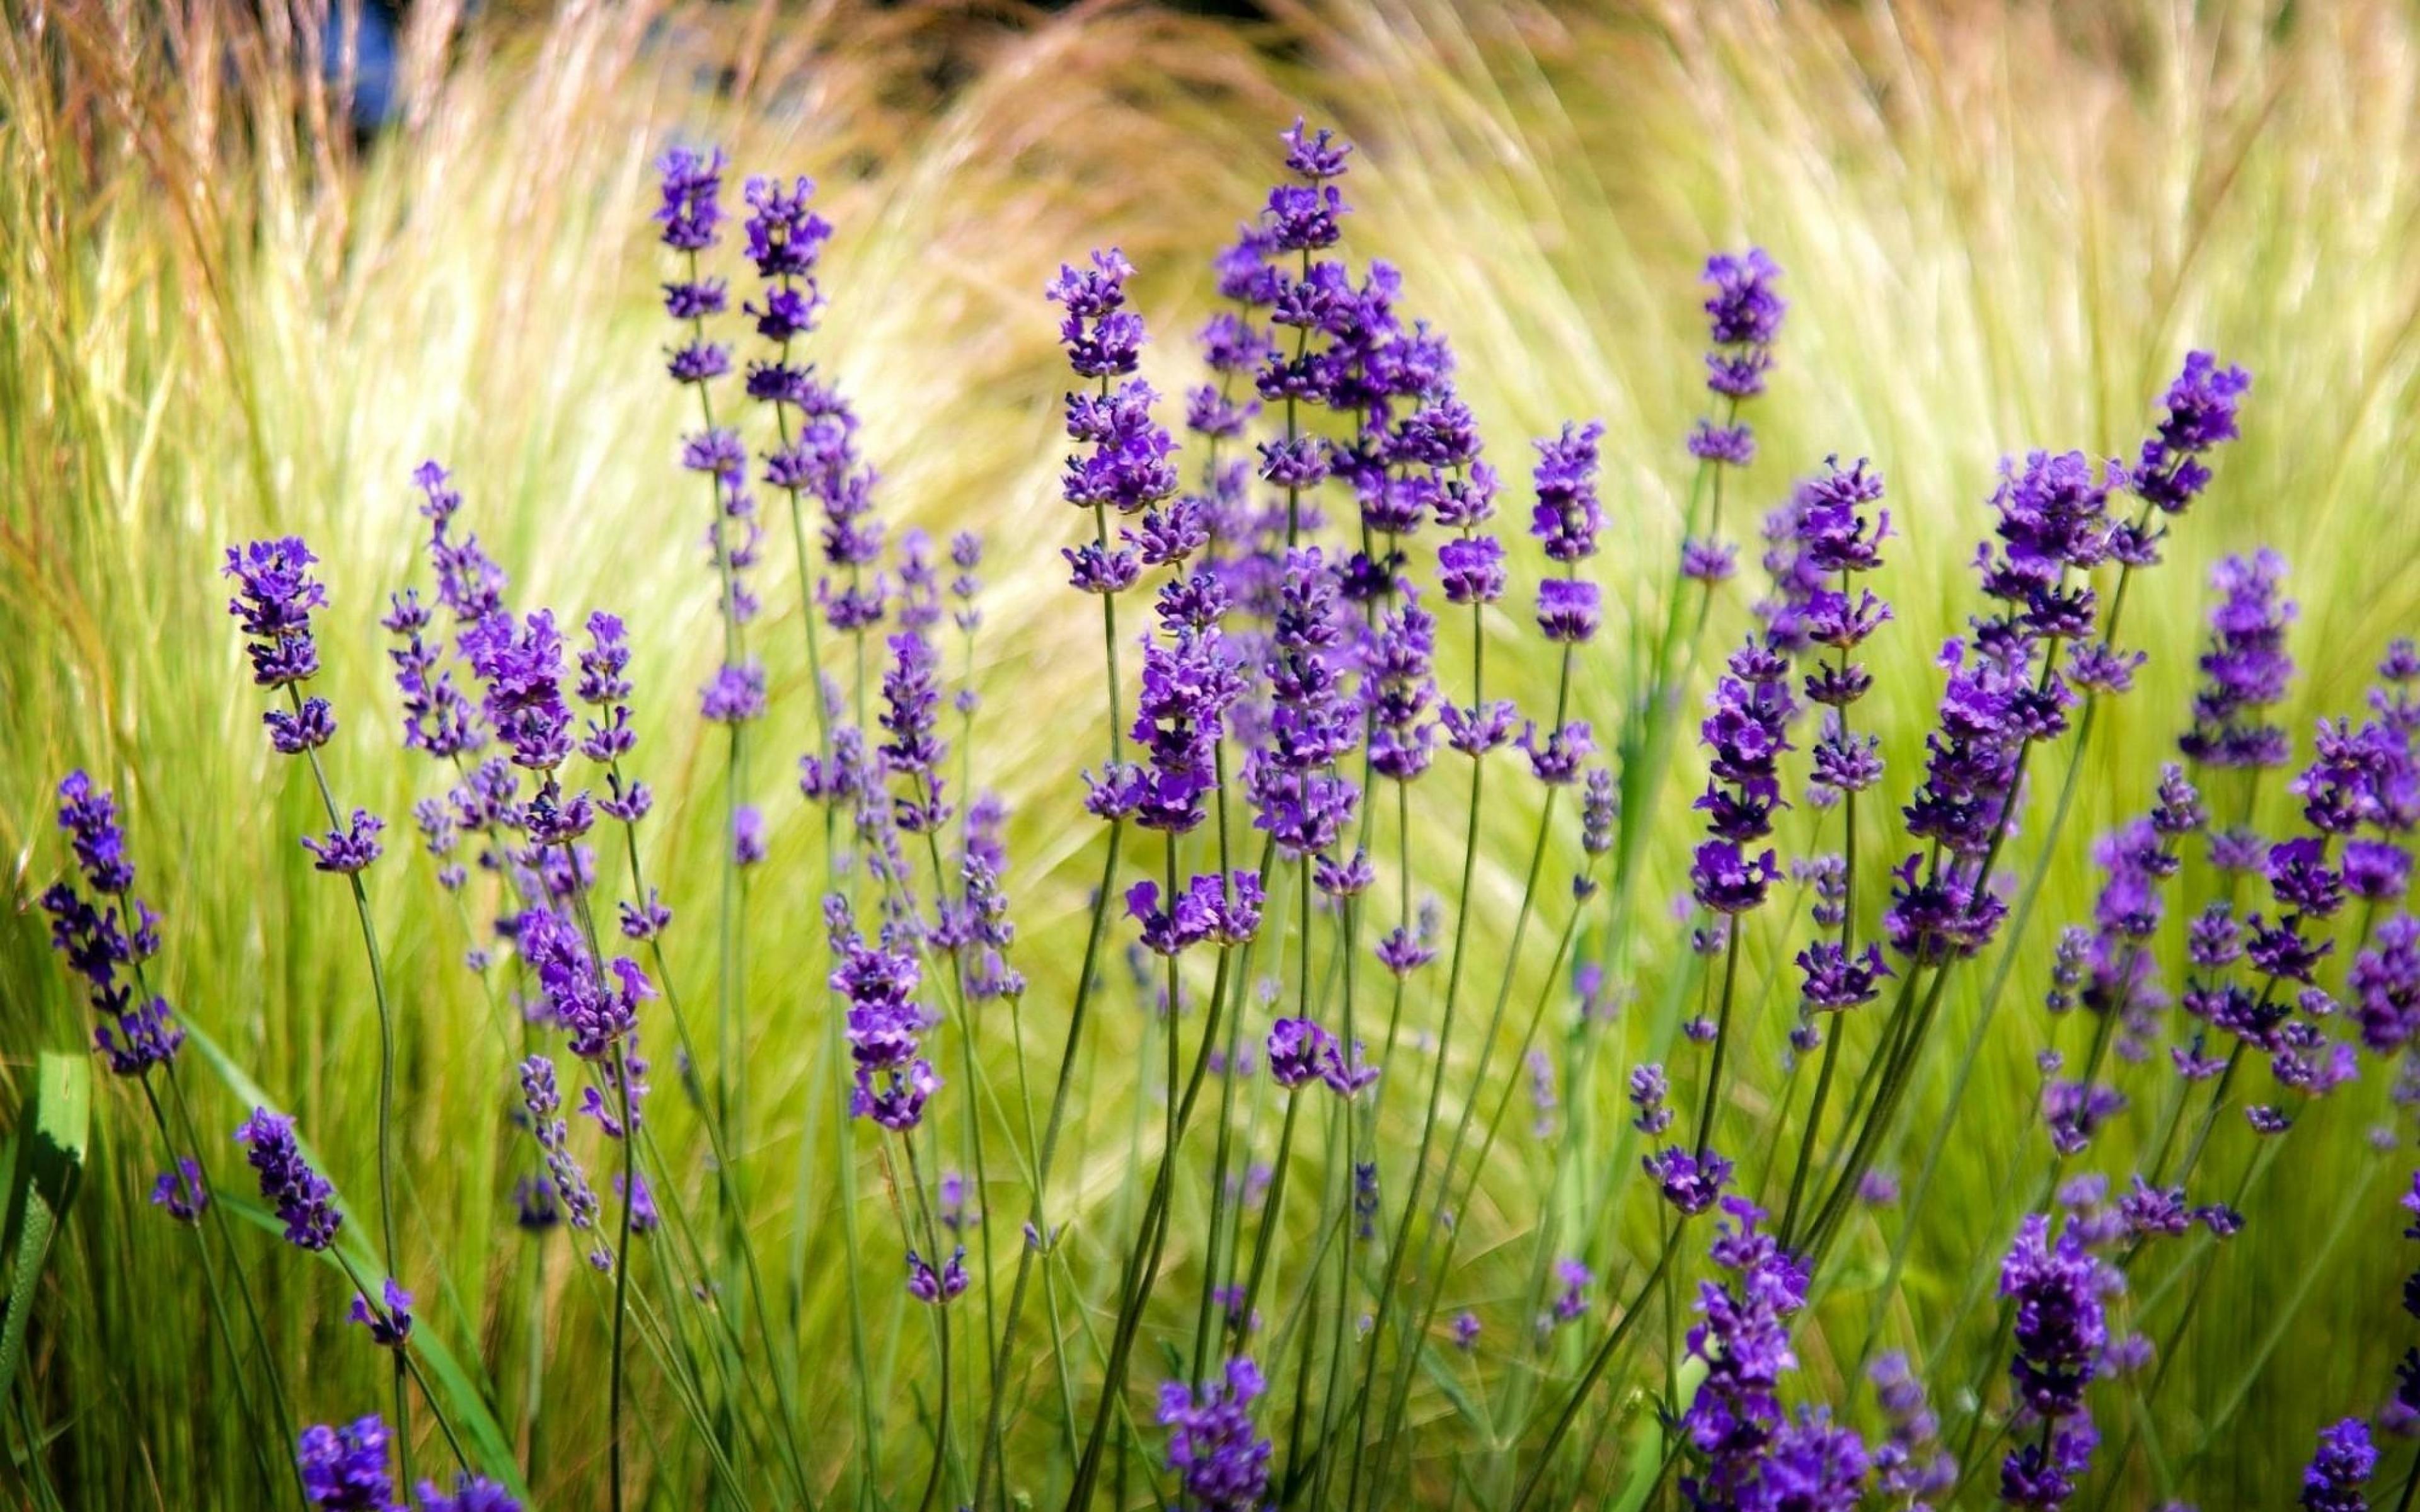 lavender_field_blur_sharpen_52704_3840x2400